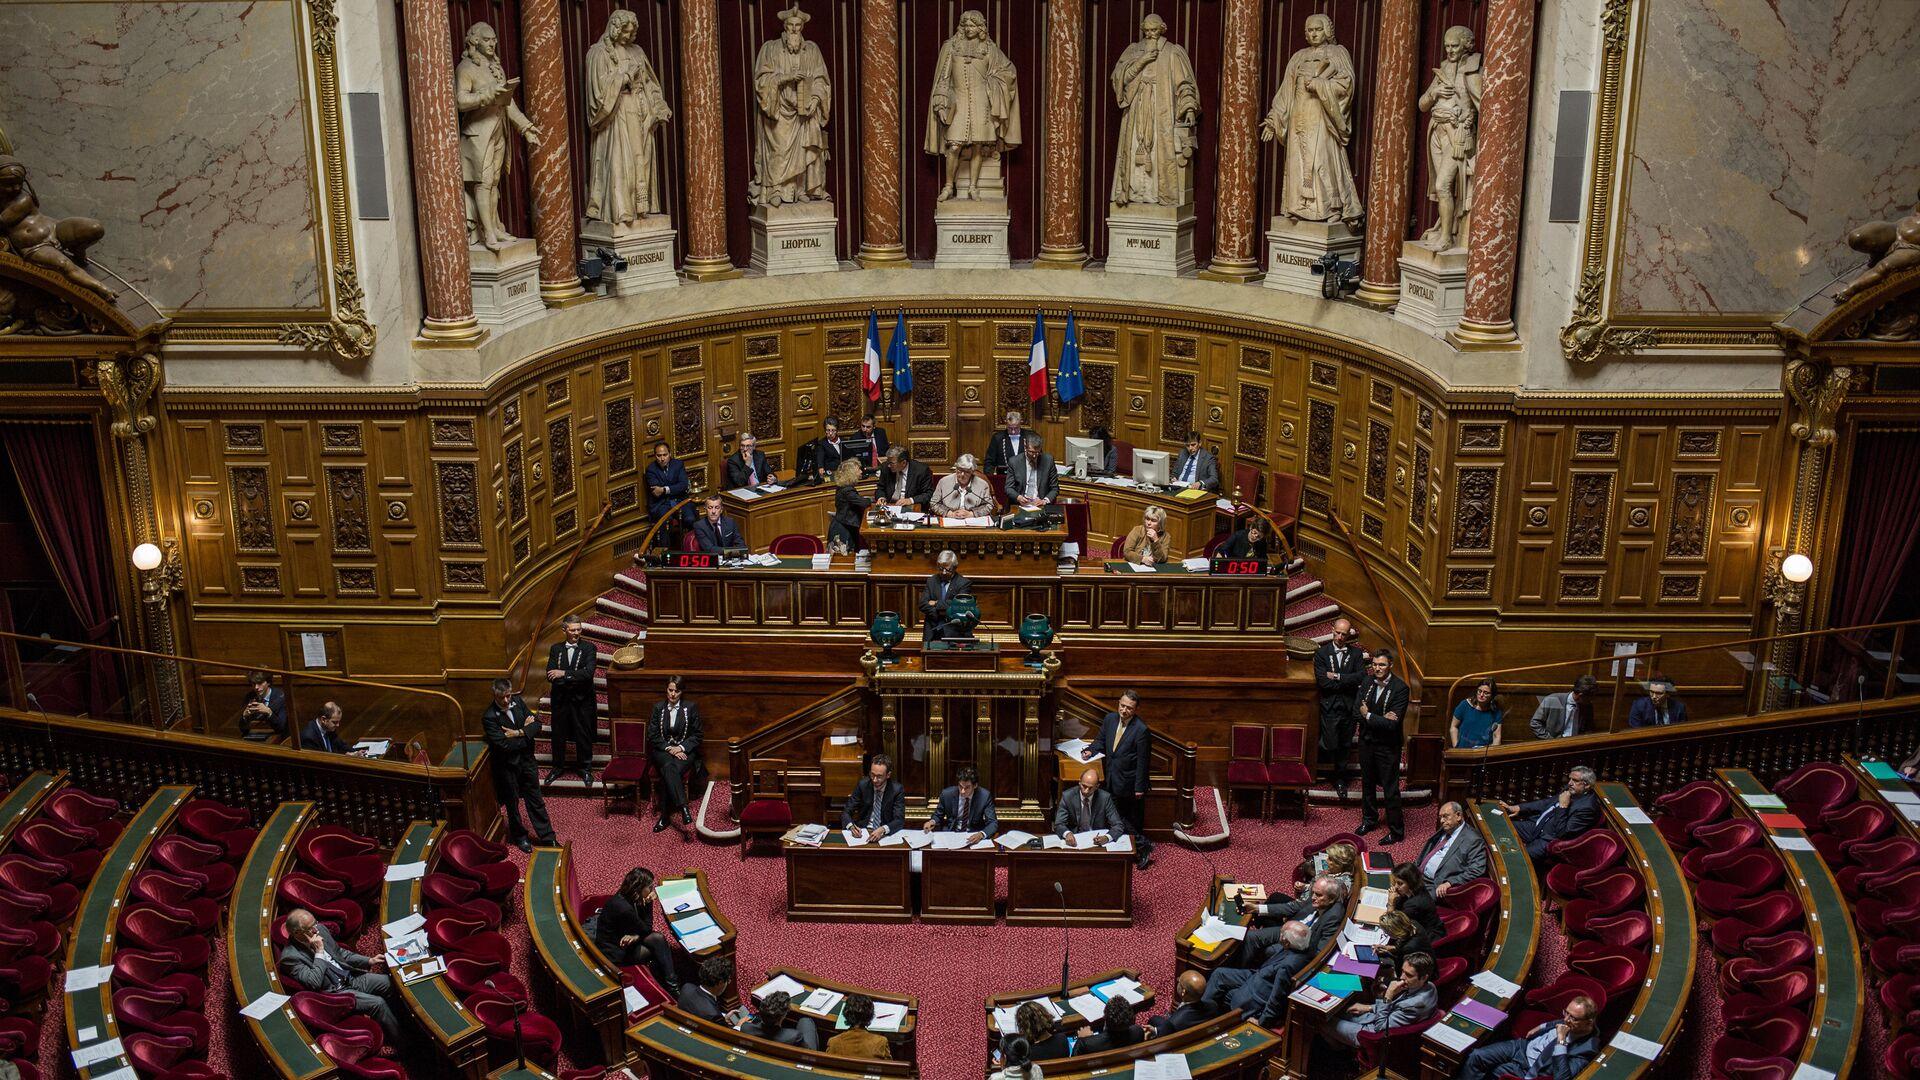 Сенат Франции проголосовал за смягчение санкций против России - РИА Новости, 1920, 19.11.2020